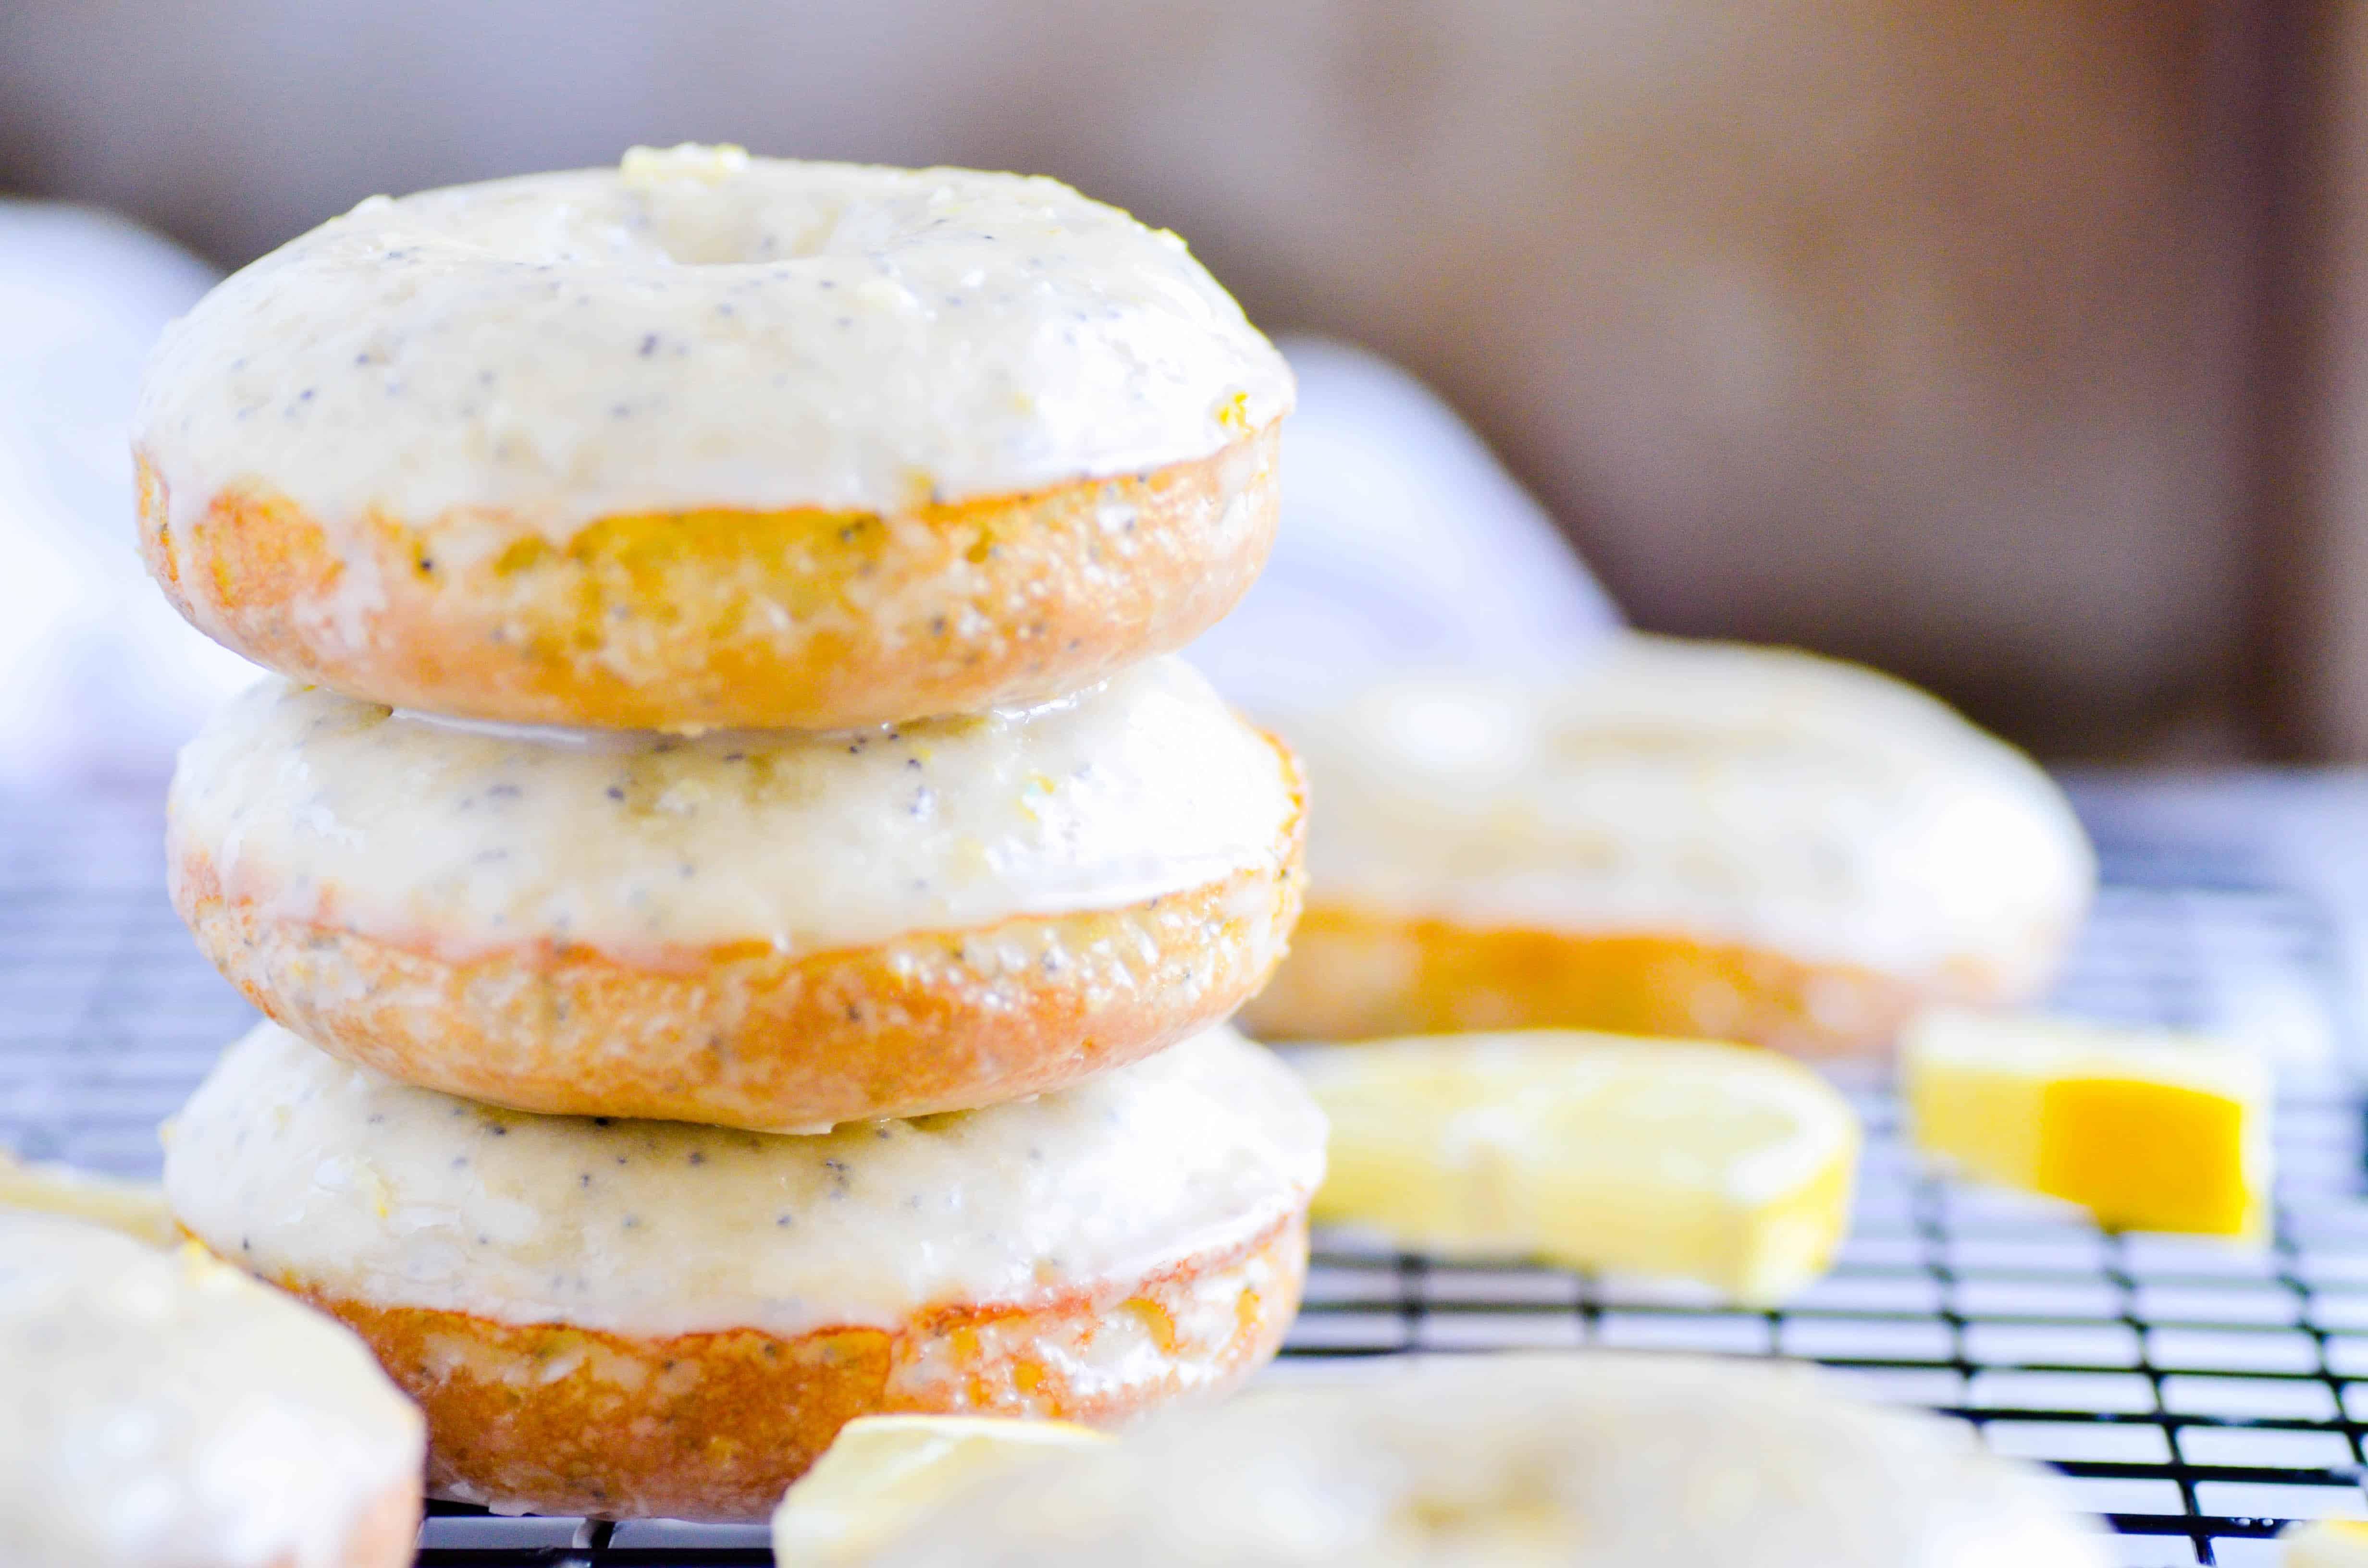 Baked Lemon Poppyseed Donuts